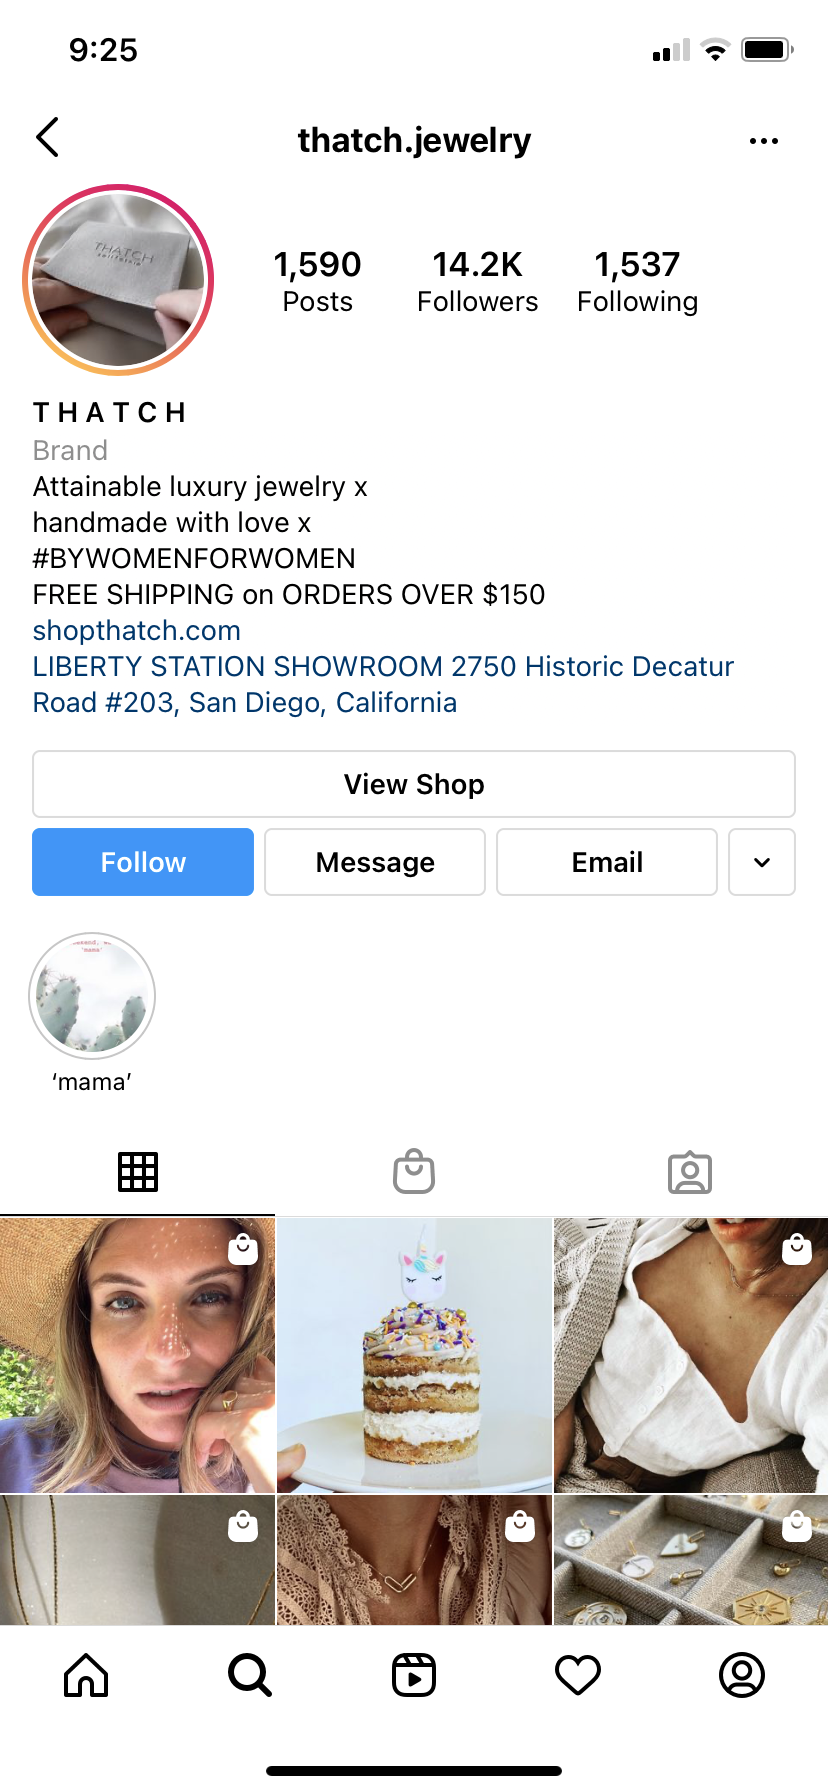 luxury jewelry e-commerce advertising